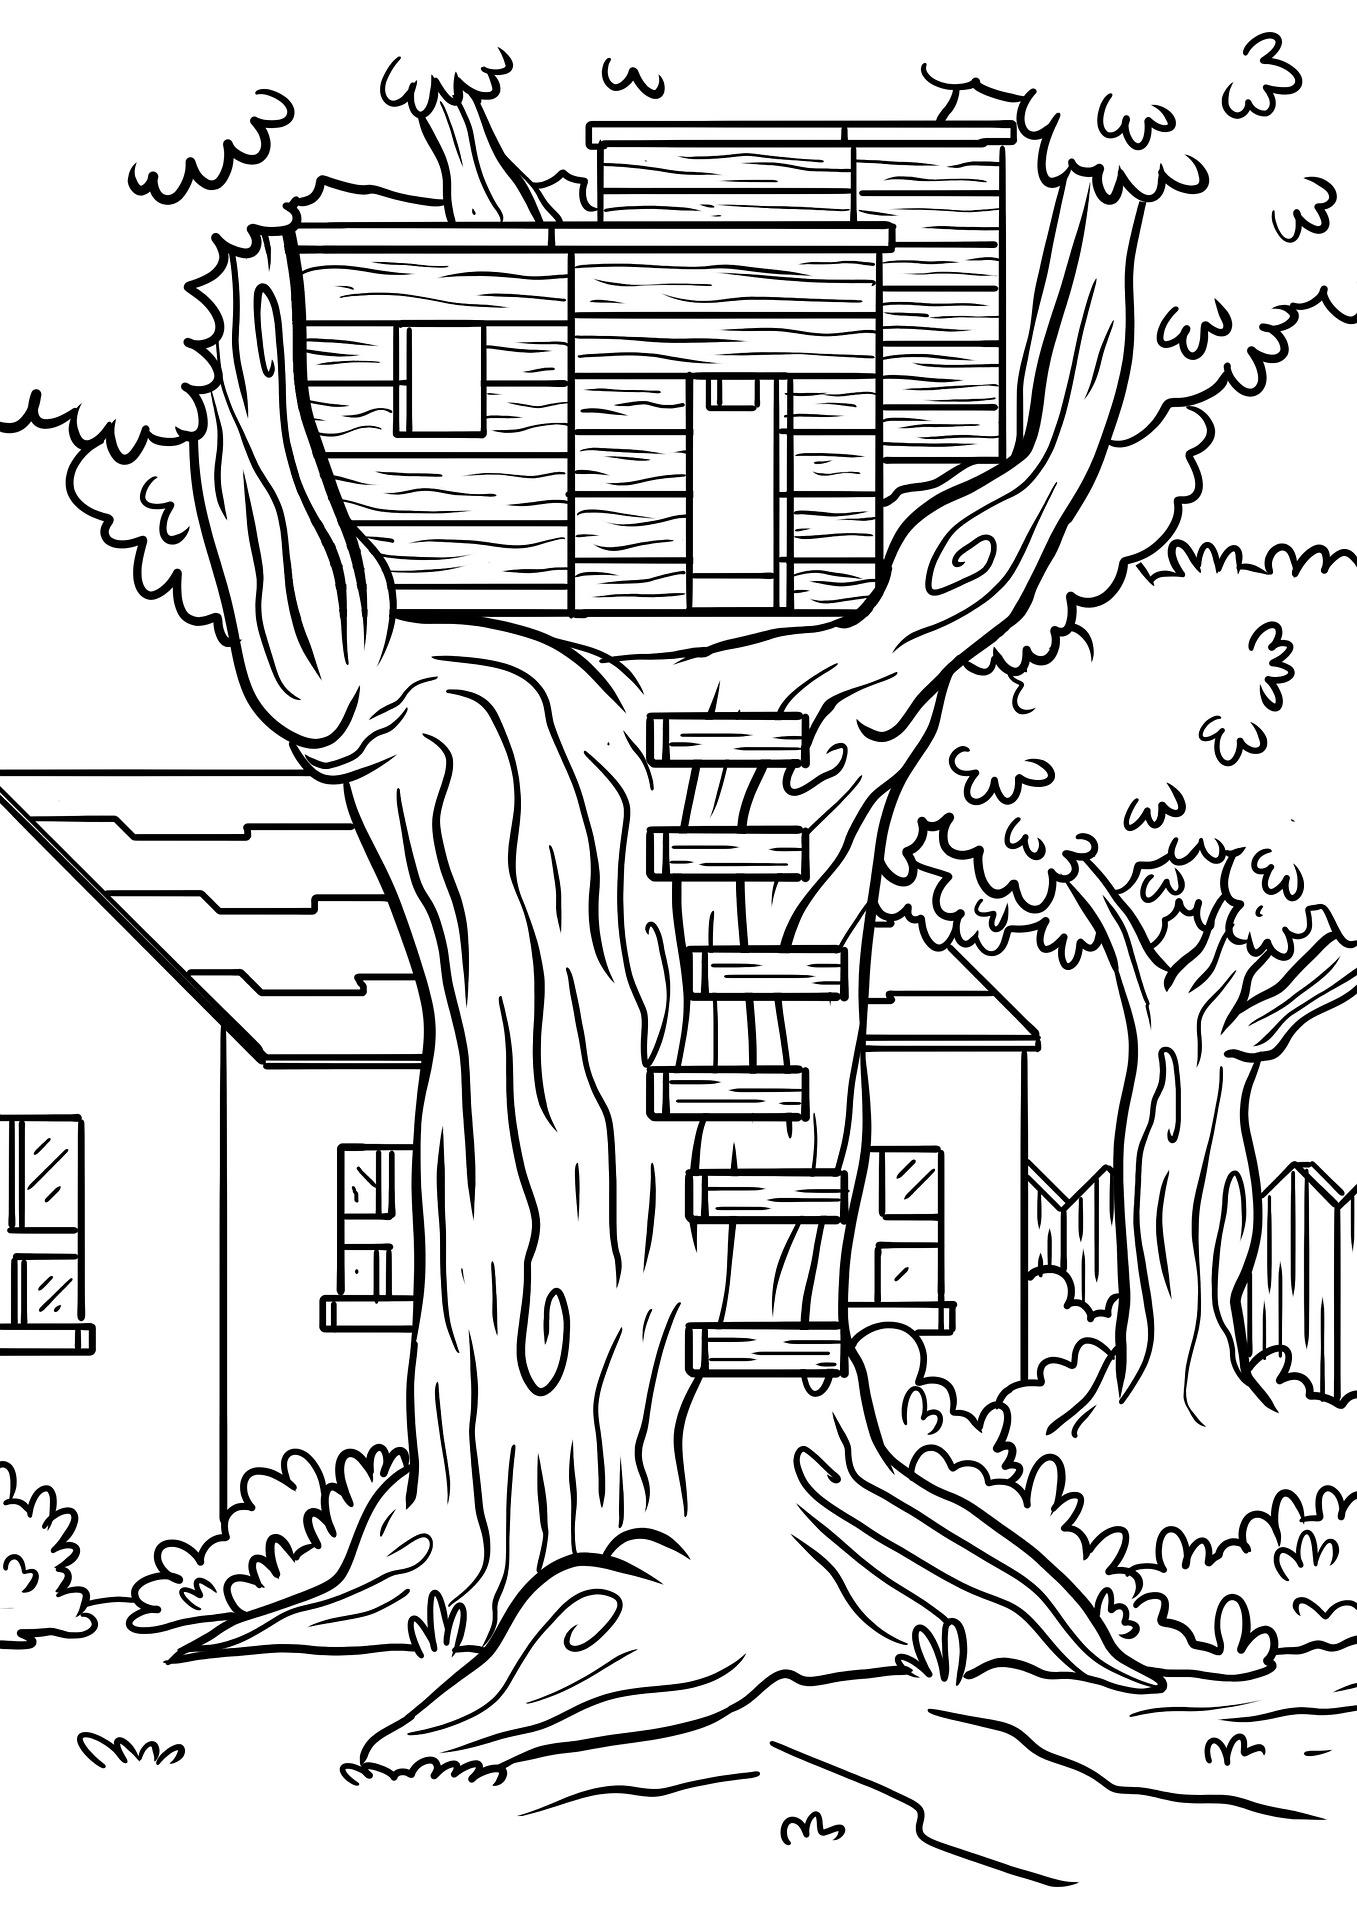 domek na drzewie kolorowanka do druku